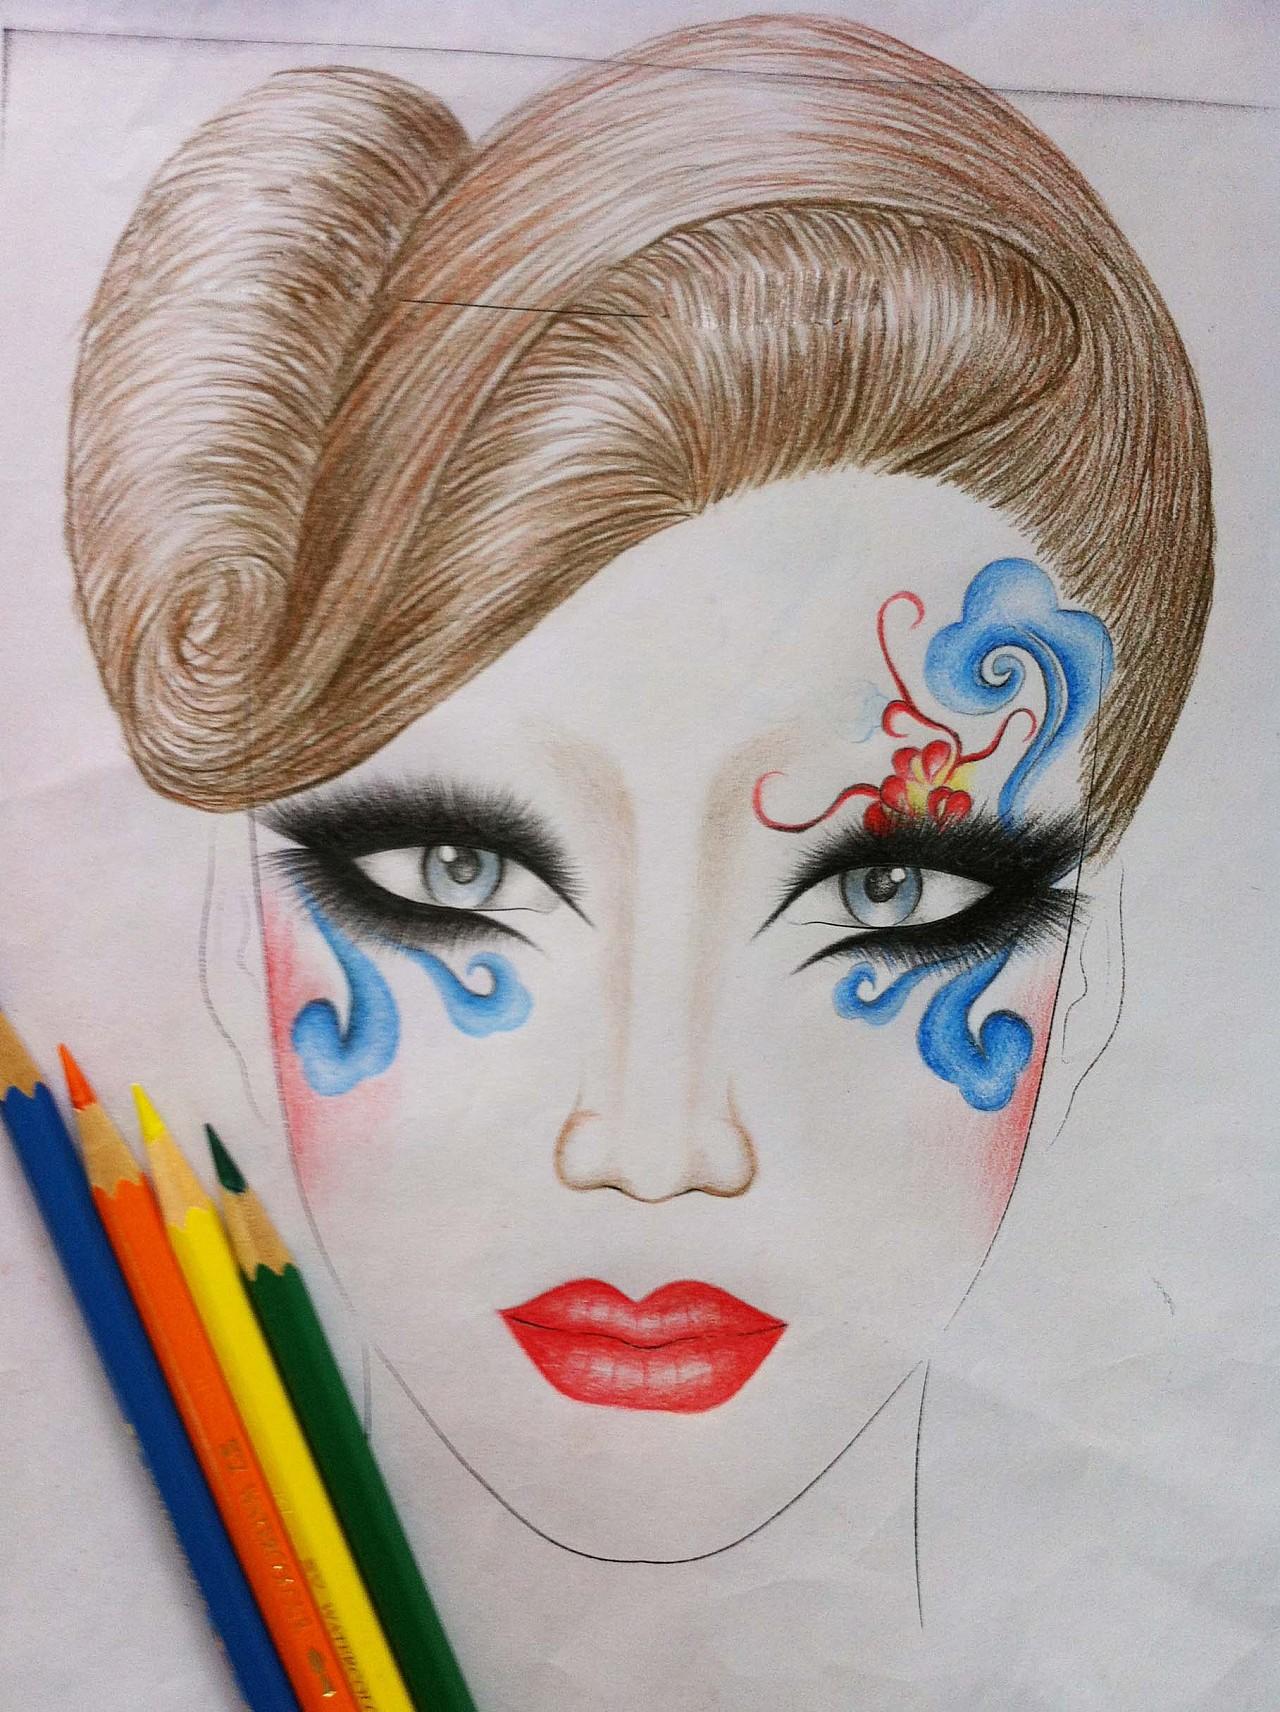 我的妆面手稿美人图|纯艺术|彩铅|时尚彩妆小鱼老师图片